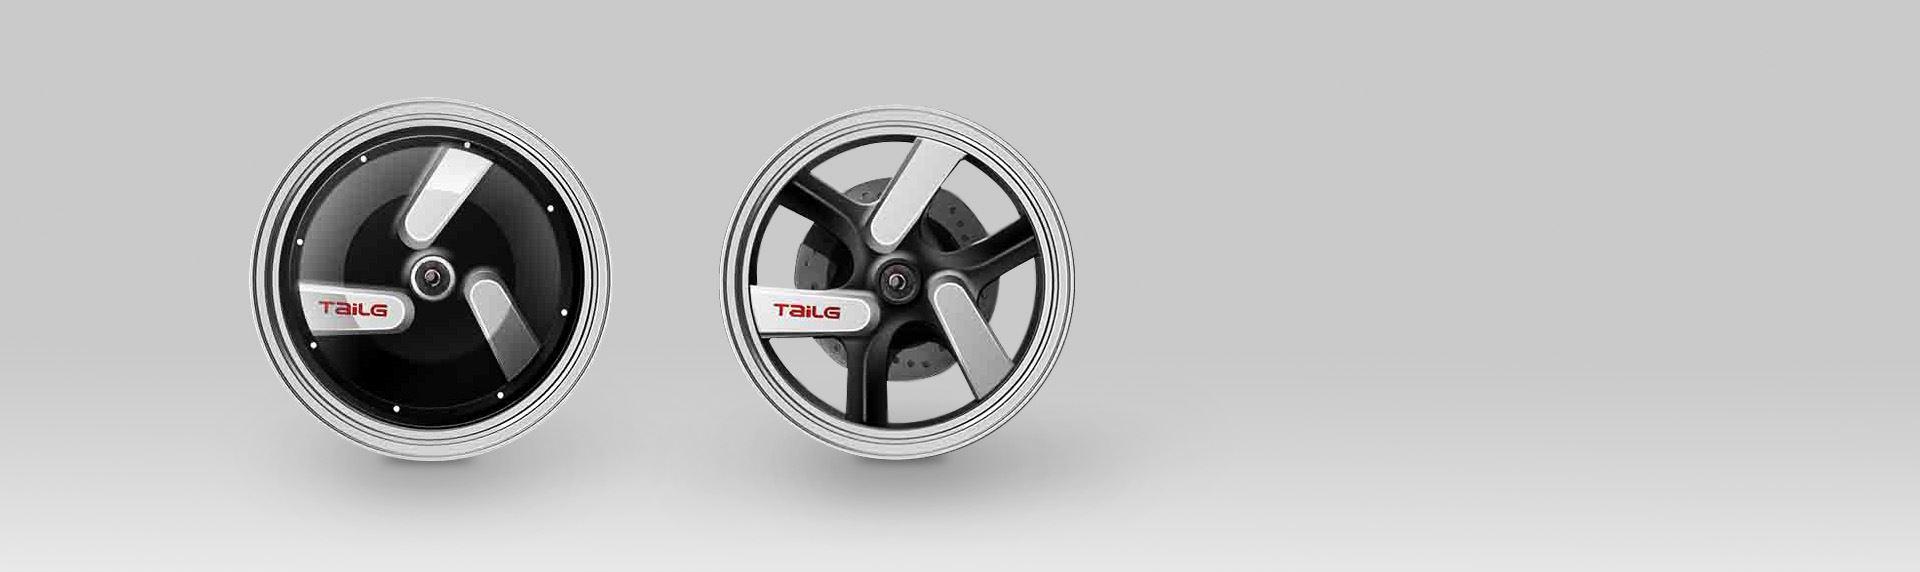 极速赛车-电动车机电轮毂